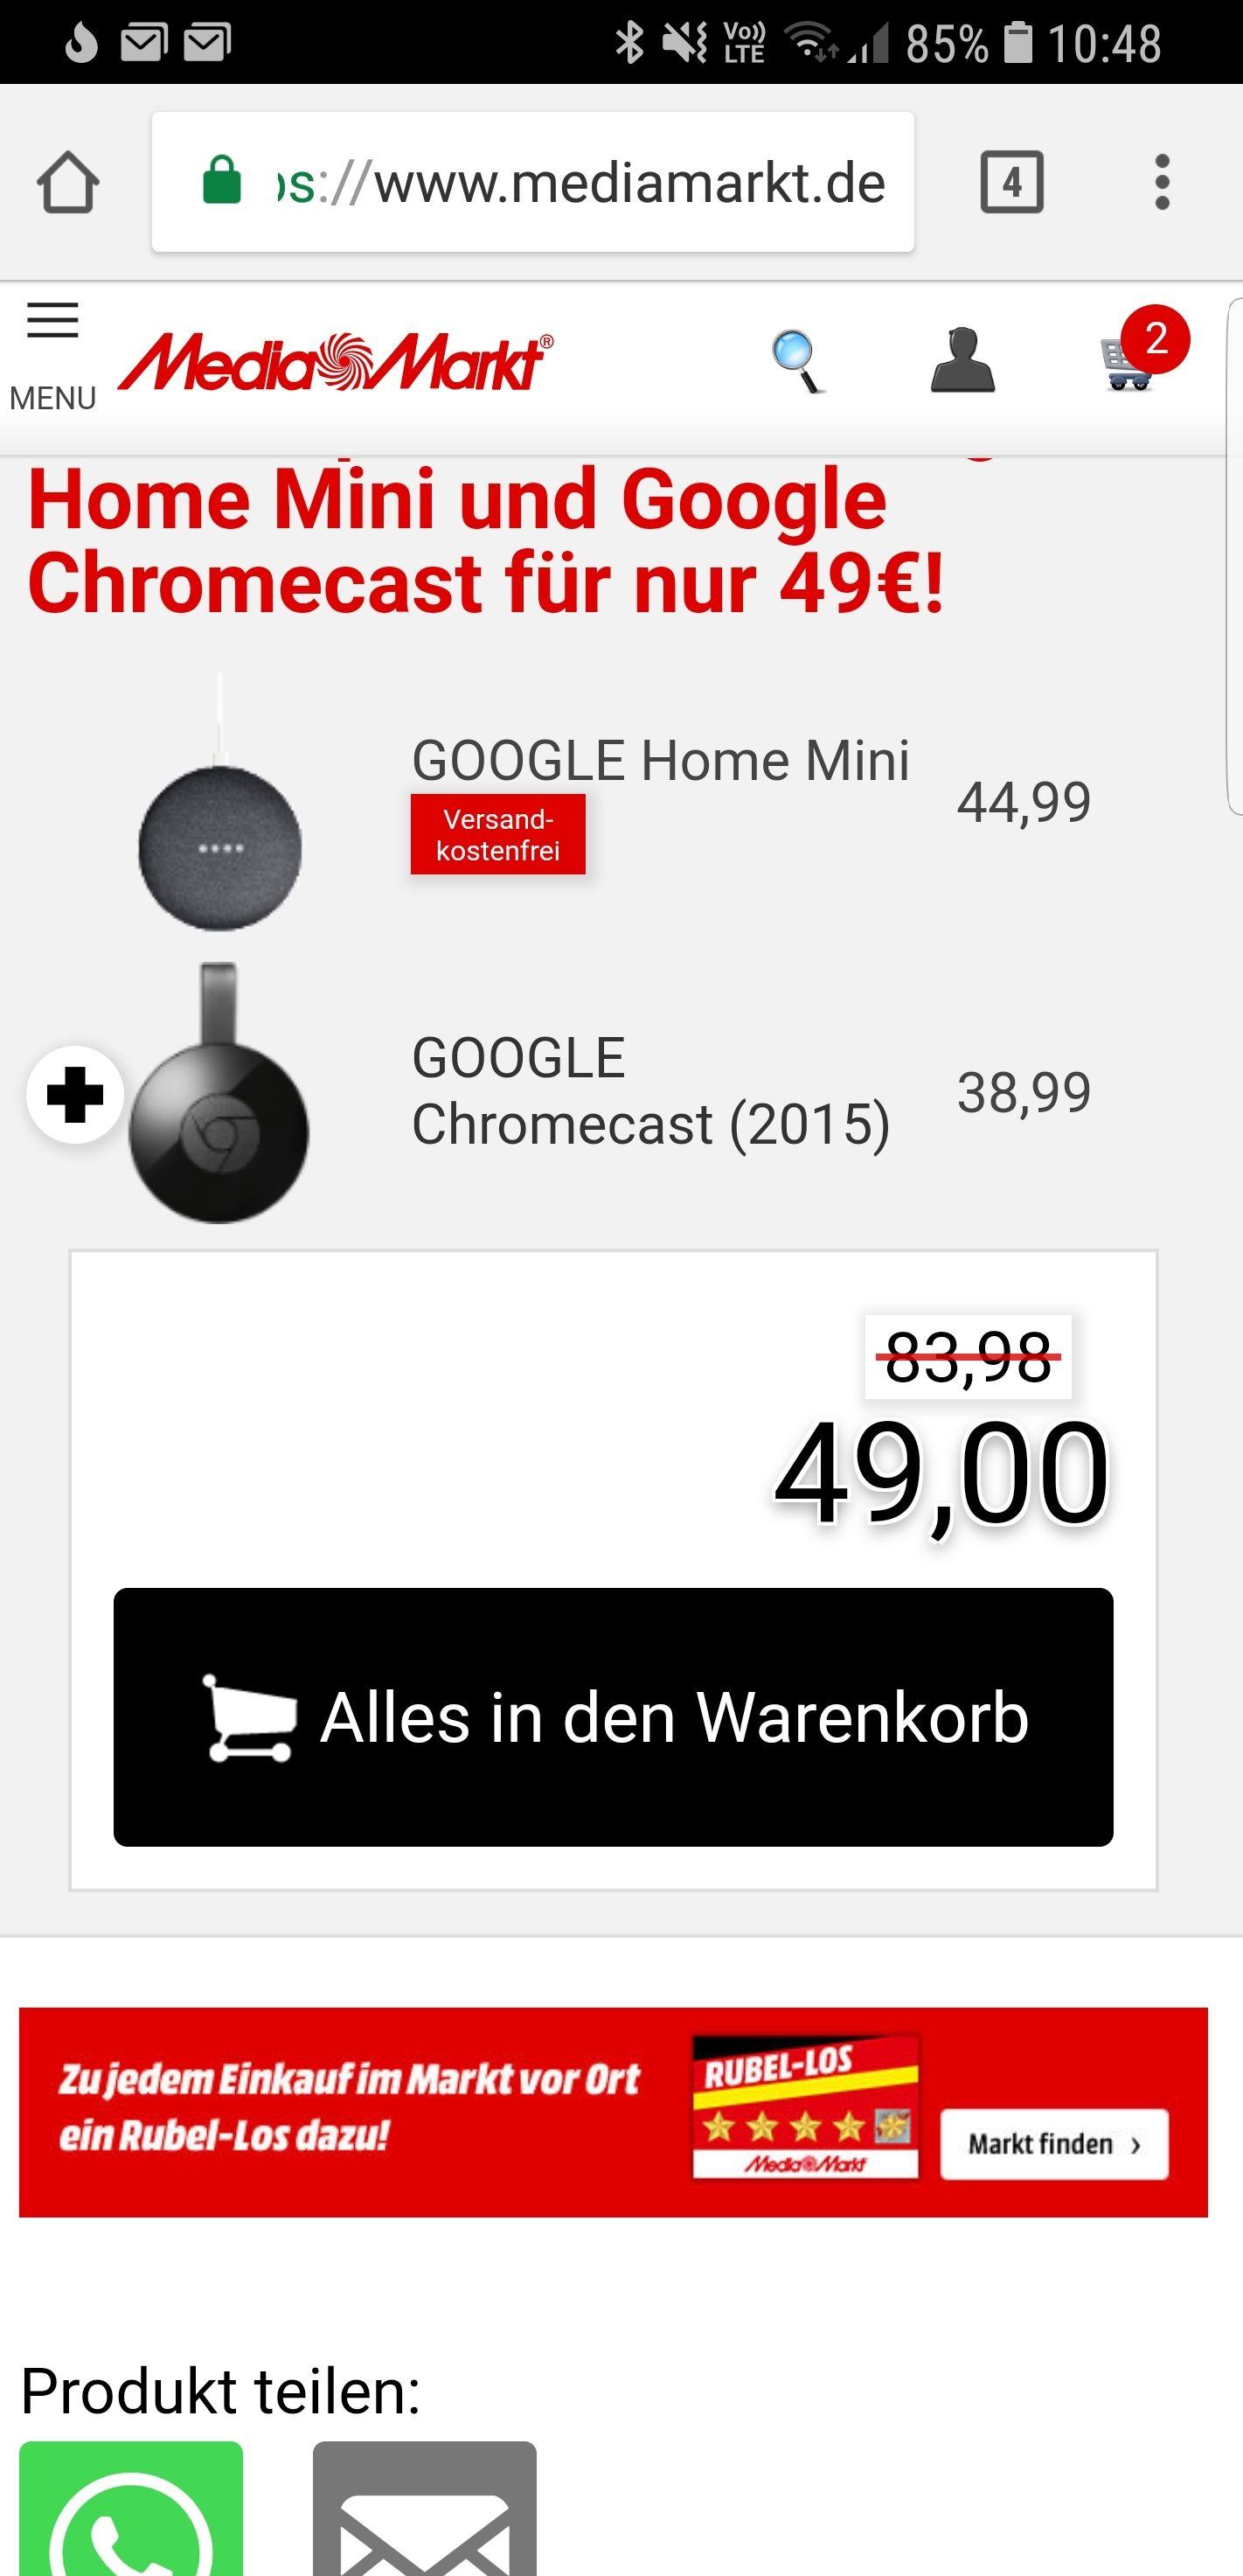 [Grensdeal] Google home mini + Chromecast 2 voor €49 @MediaMarkt.de en Saturn.de